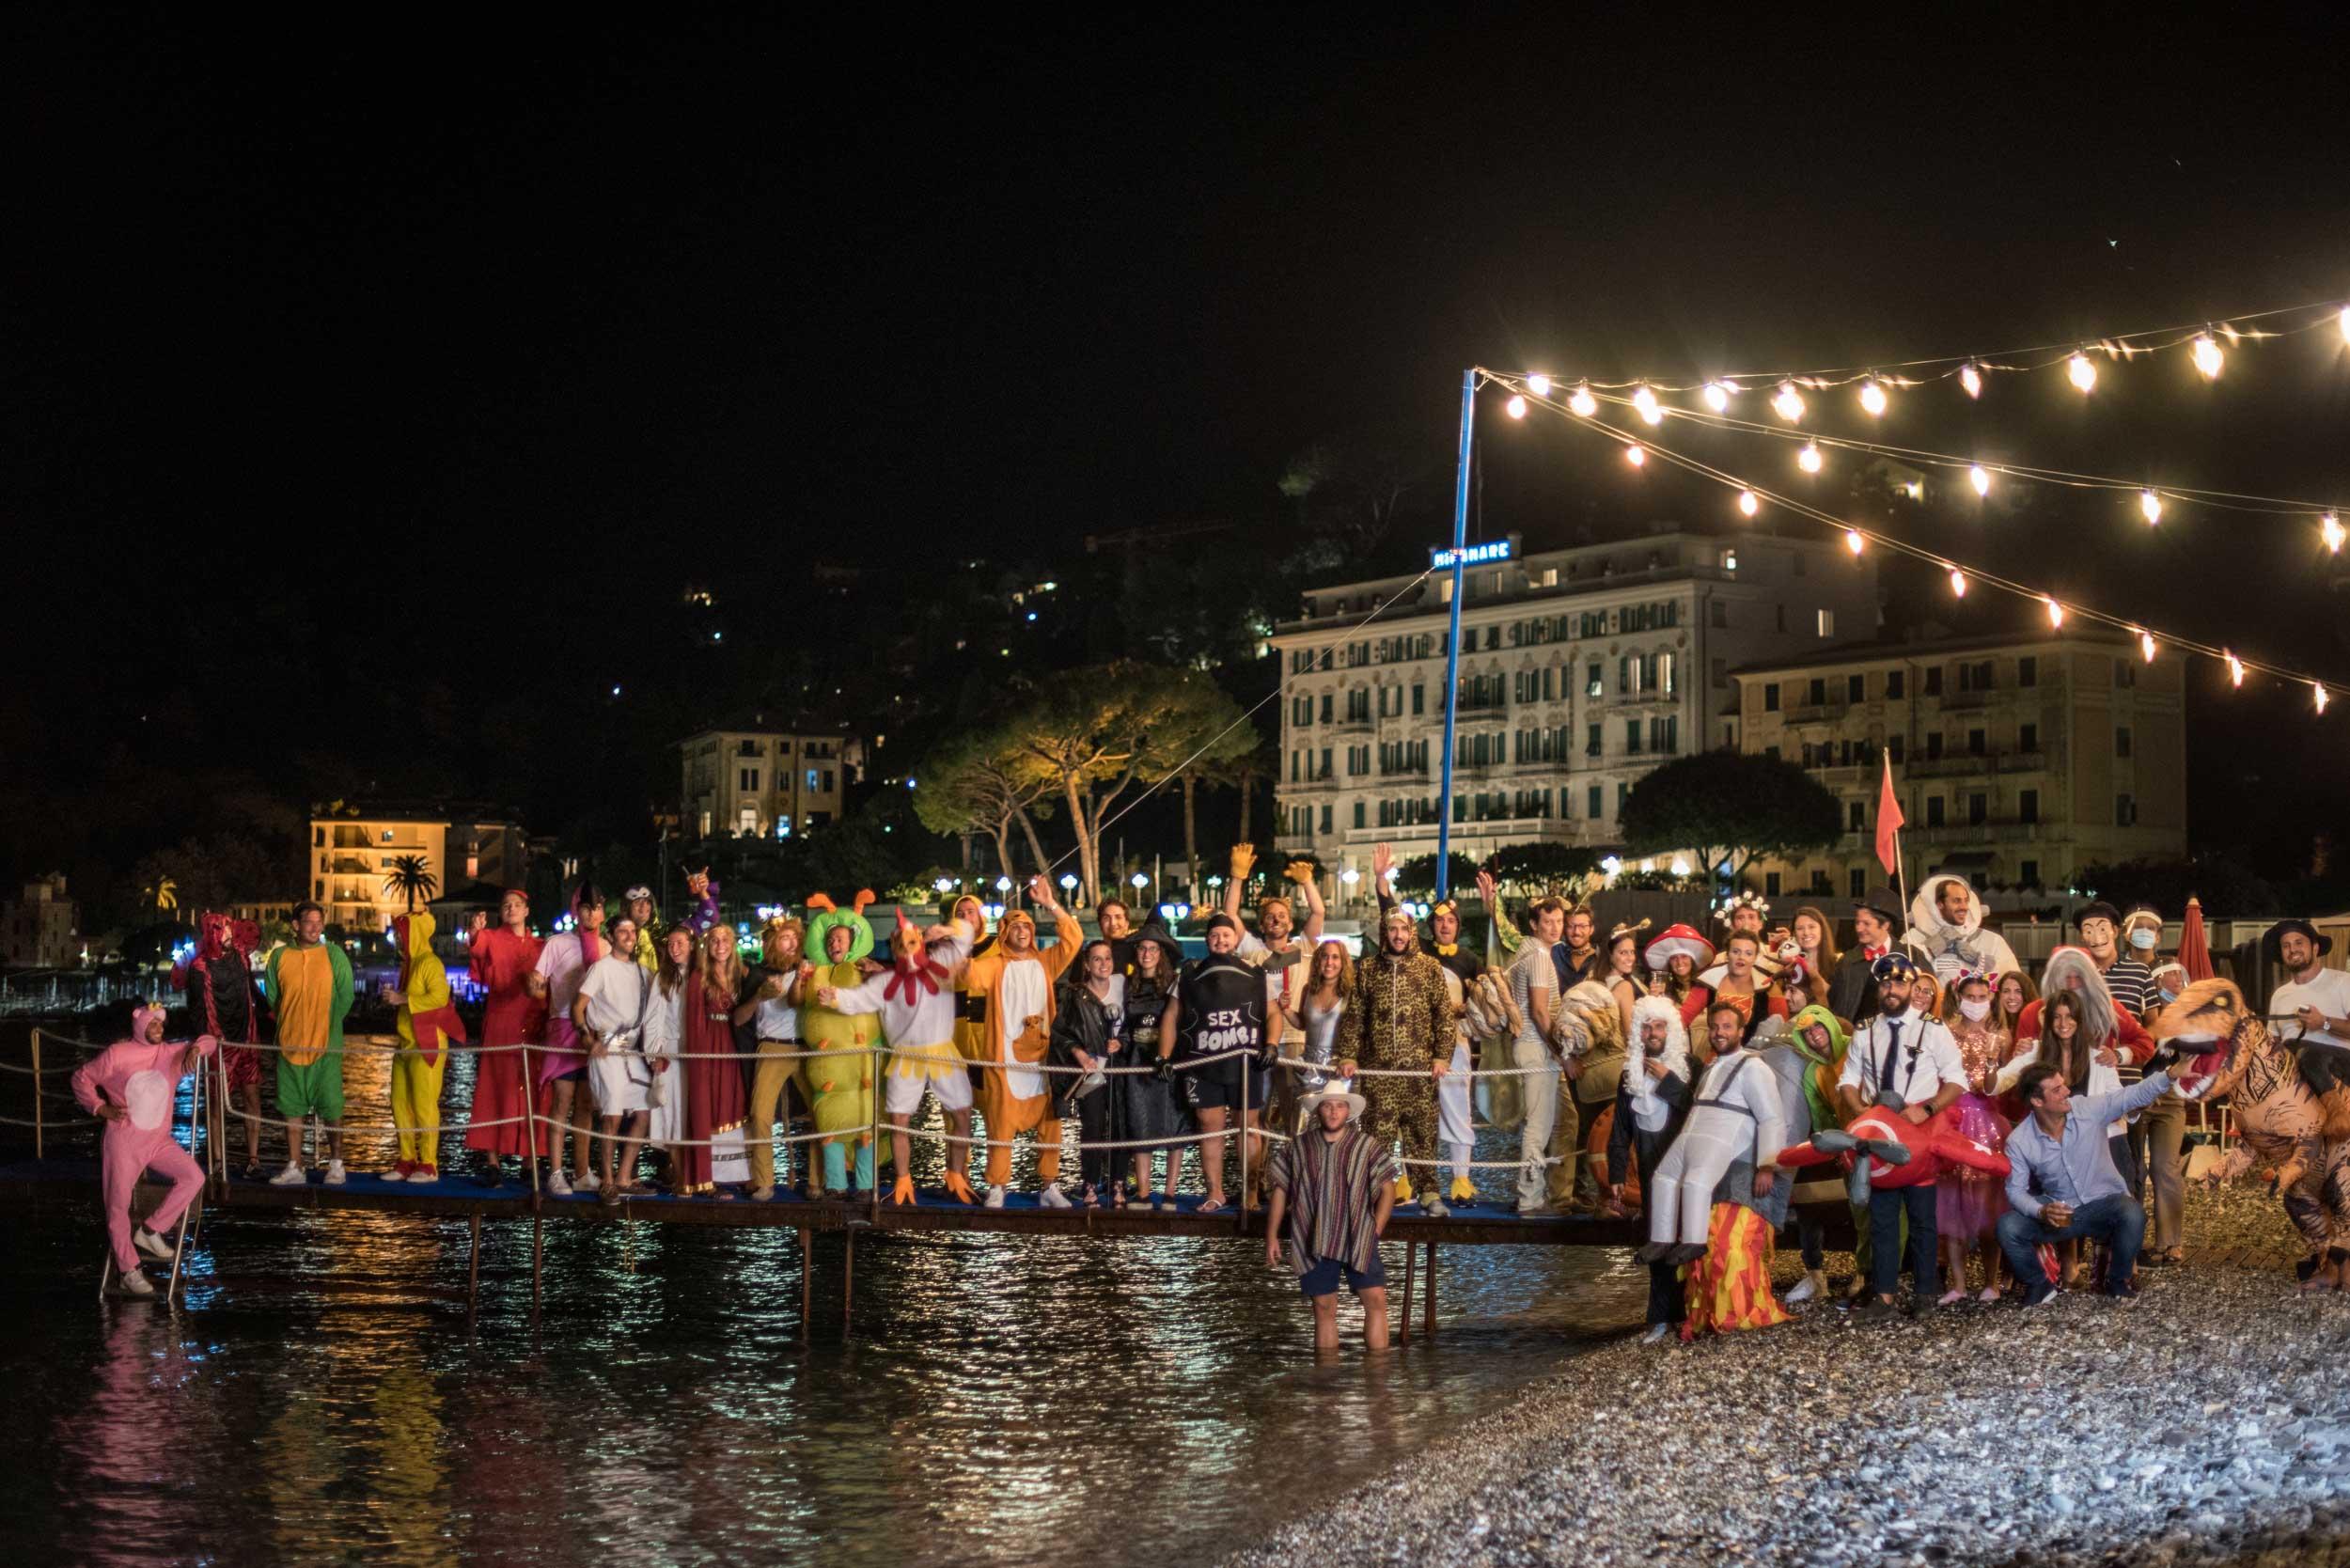 Festa privata in maschera - Bagni Sirena 2020